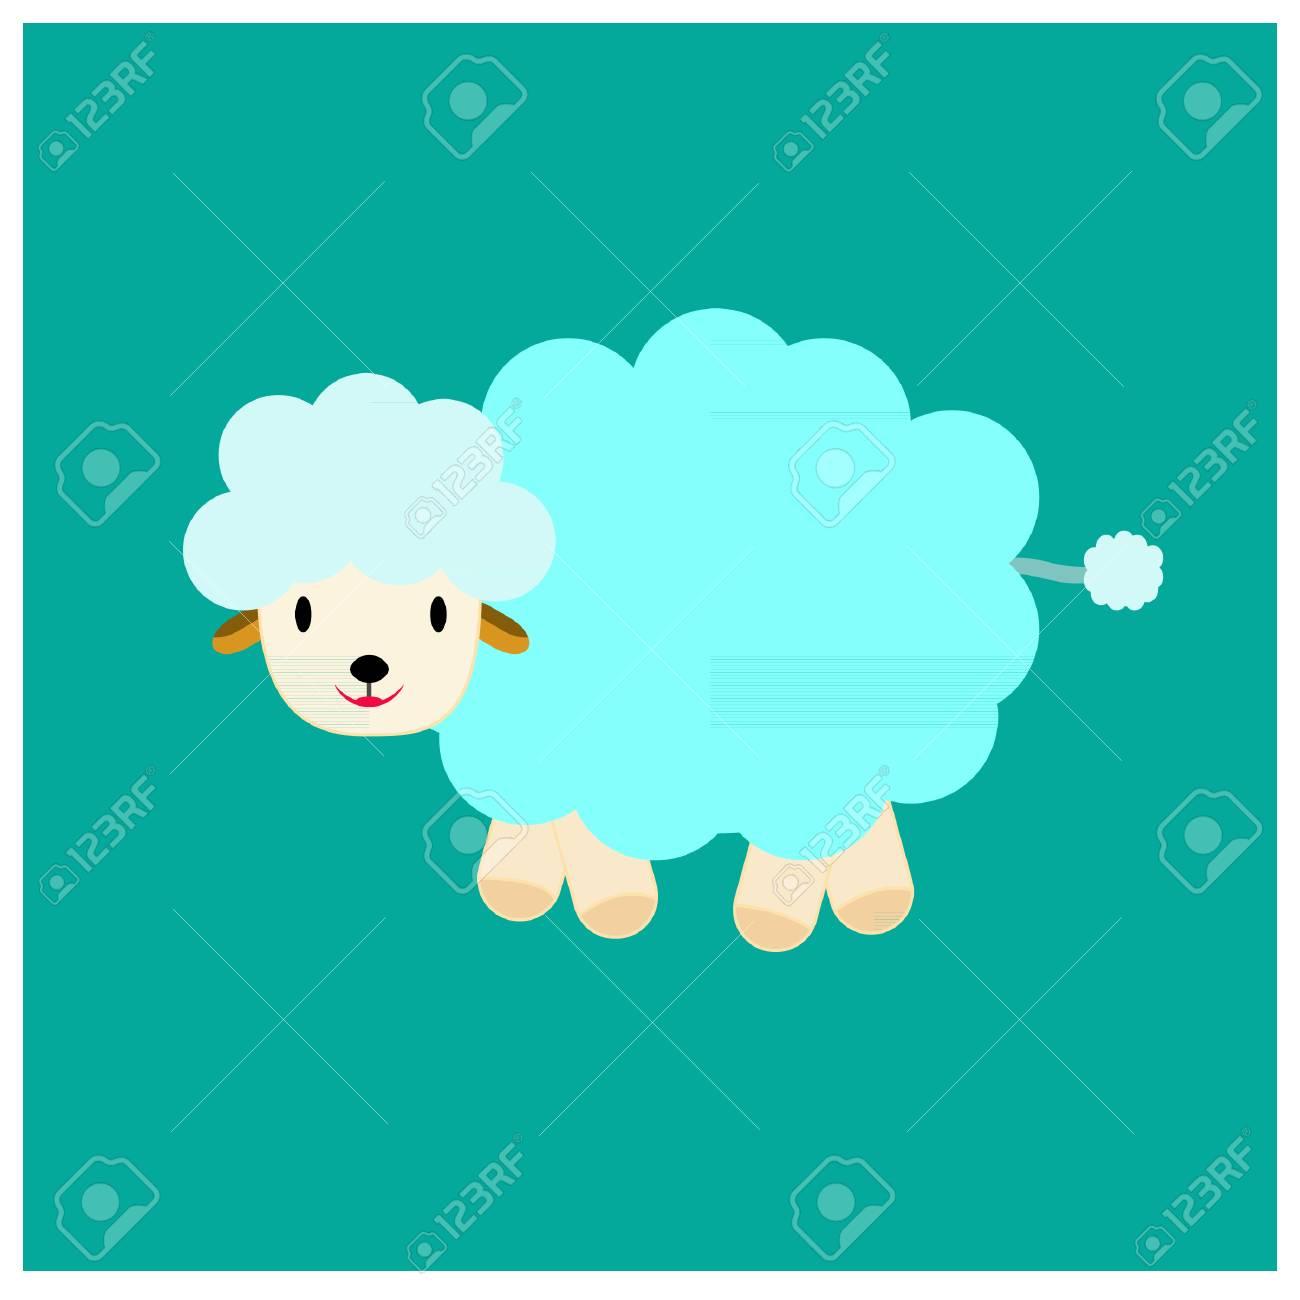 sheep vector royalty free cliparts vectors and stock illustration rh 123rf com sheep vector icon sheep vector art